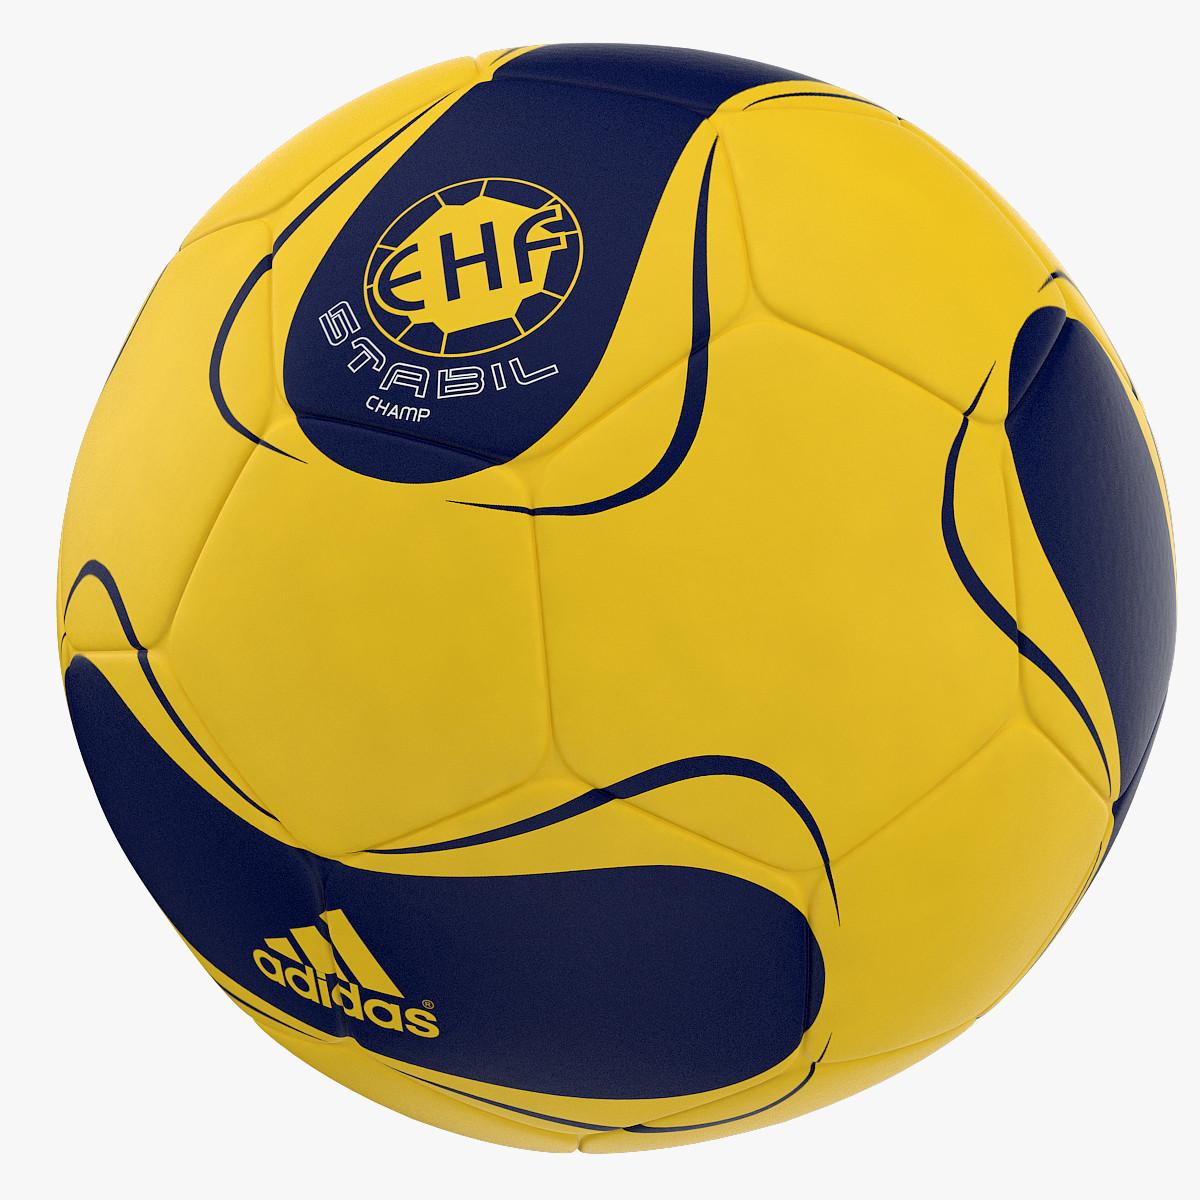 handball_ball_00.jpg